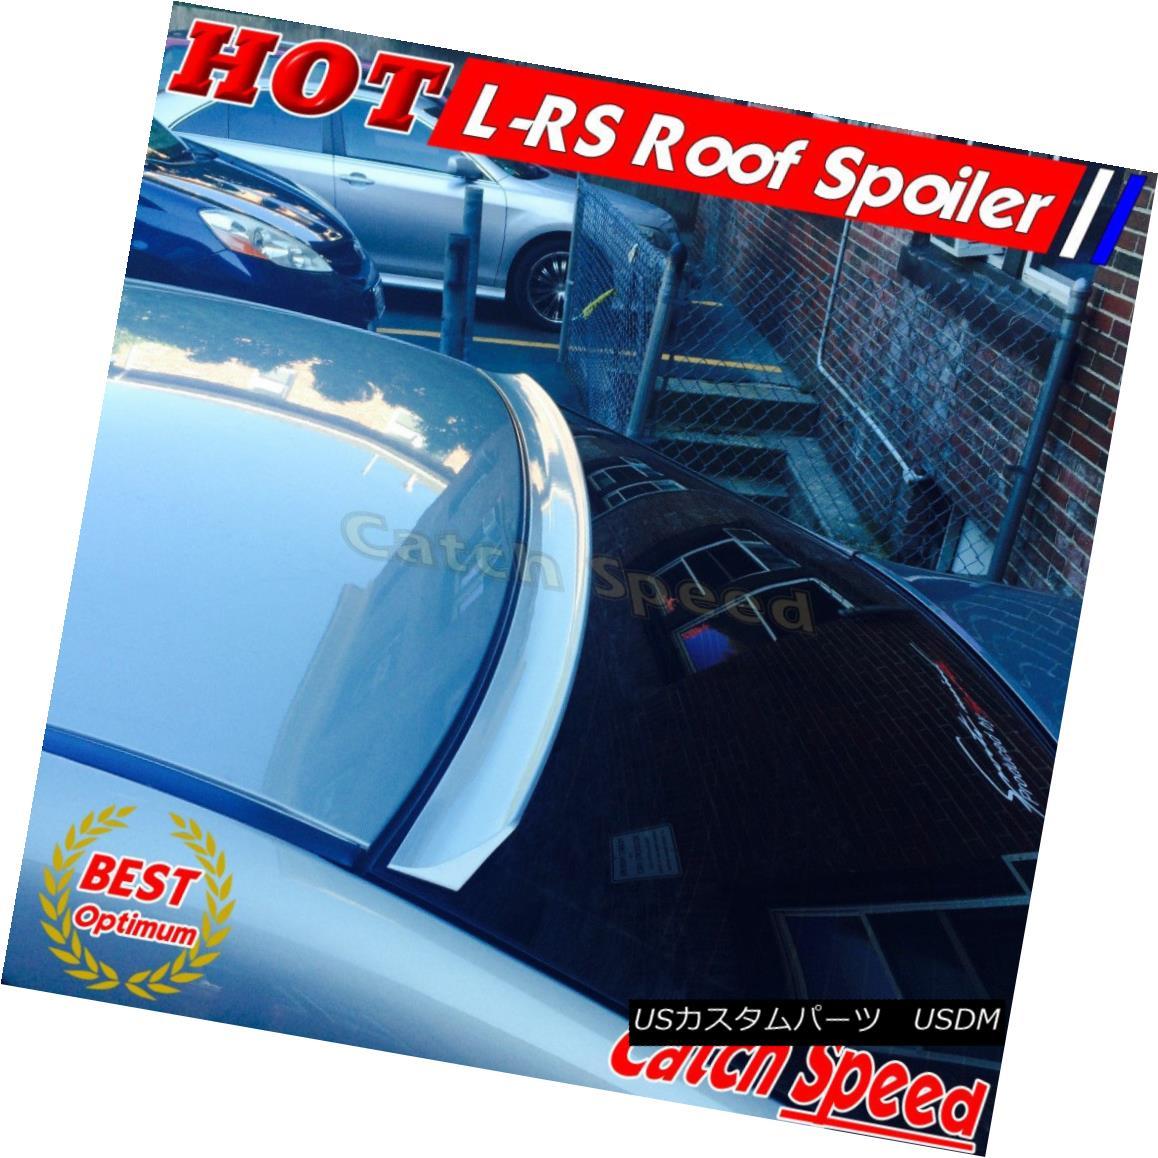 エアロパーツ Painted LRS Type Rear Roof Spoiler Window Wing For VOLVO S80 Sedan 2007-2013 ? VOLVO S80 Sedan 2007-2013のためにペイントされたLRSタイプのリアルーフスポイラーウィンドウウィング?